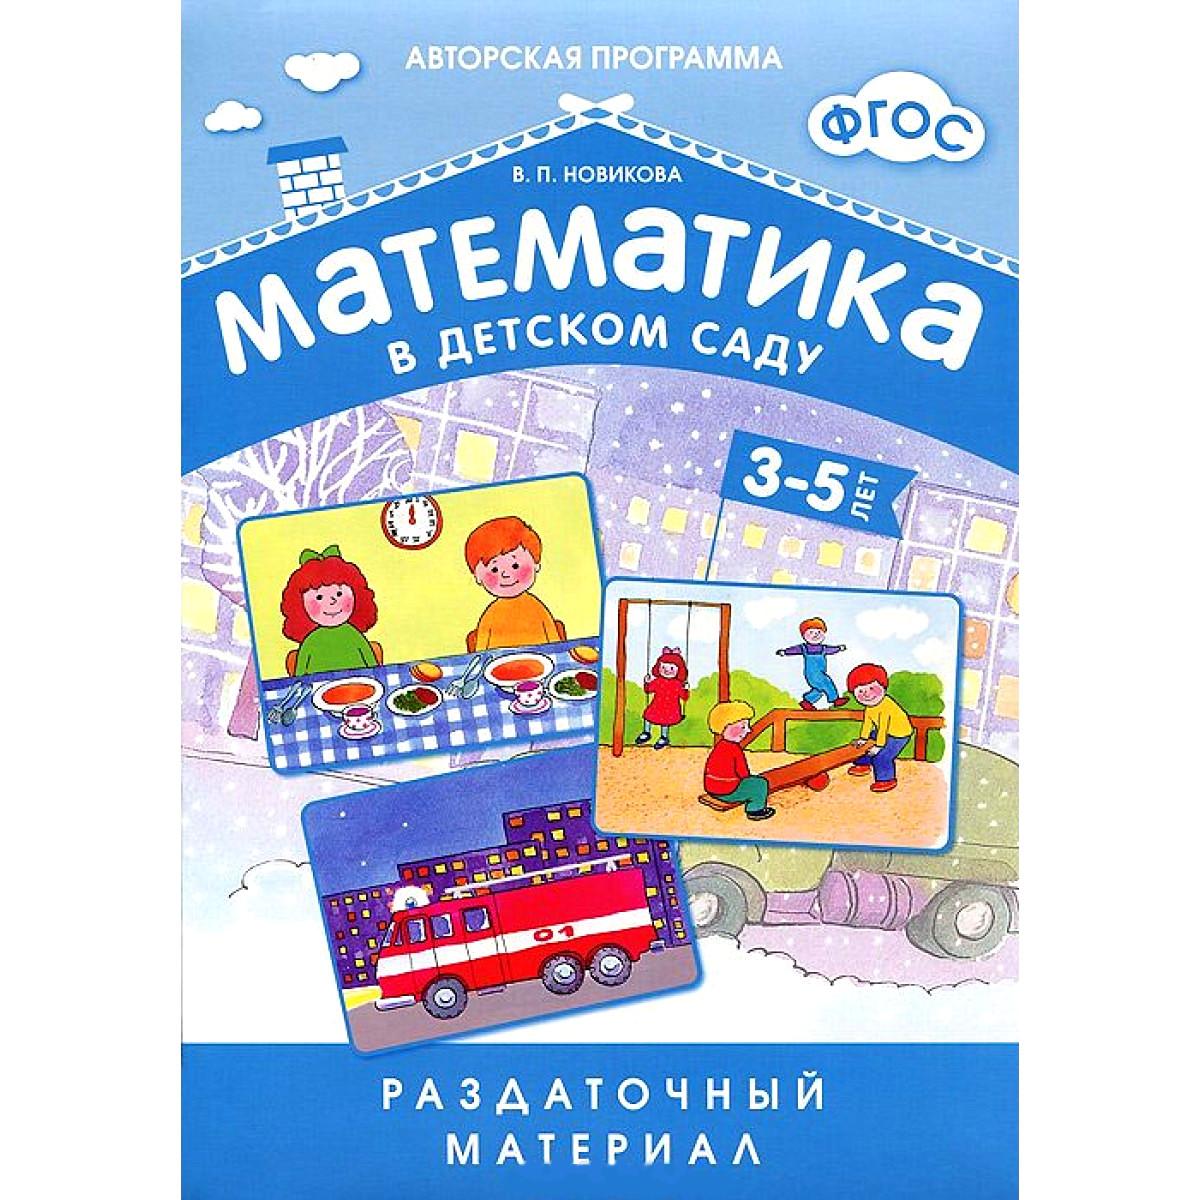 Раздаточный материал из серии Математика в детском саду, для детей 3-5 летОбучающие книги и задания<br>Раздаточный материал из серии Математика в детском саду, для детей 3-5 лет<br>